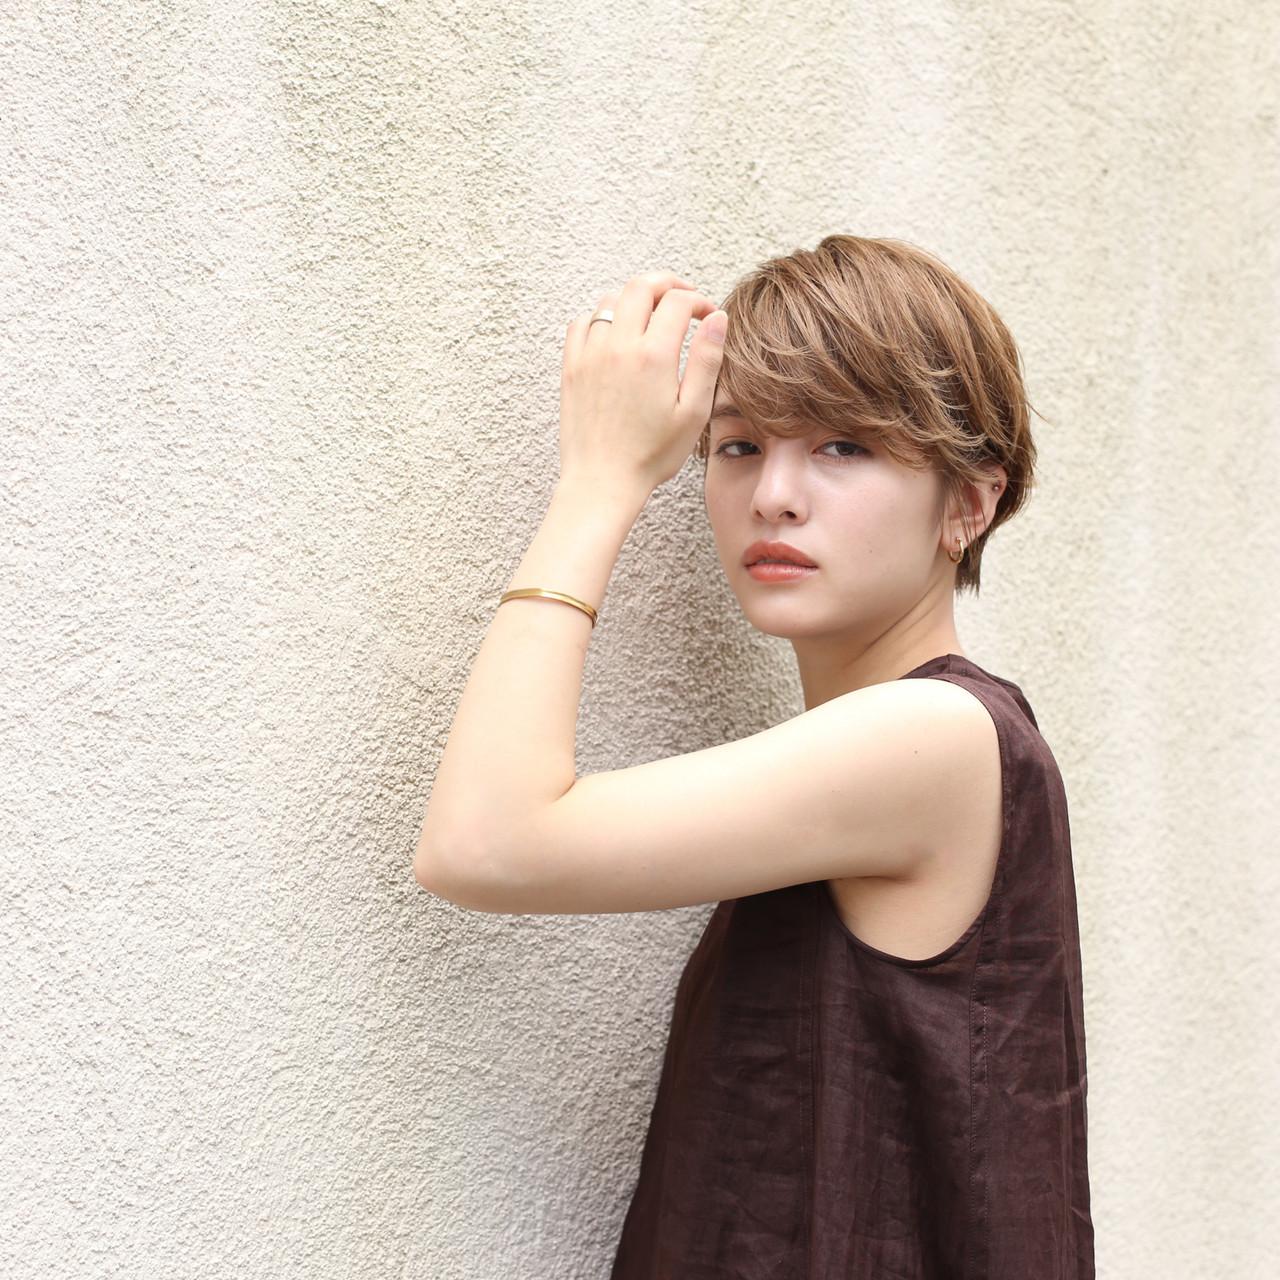 デート 簡単ヘアアレンジ ナチュラル ハンサムショート ヘアスタイルや髪型の写真・画像